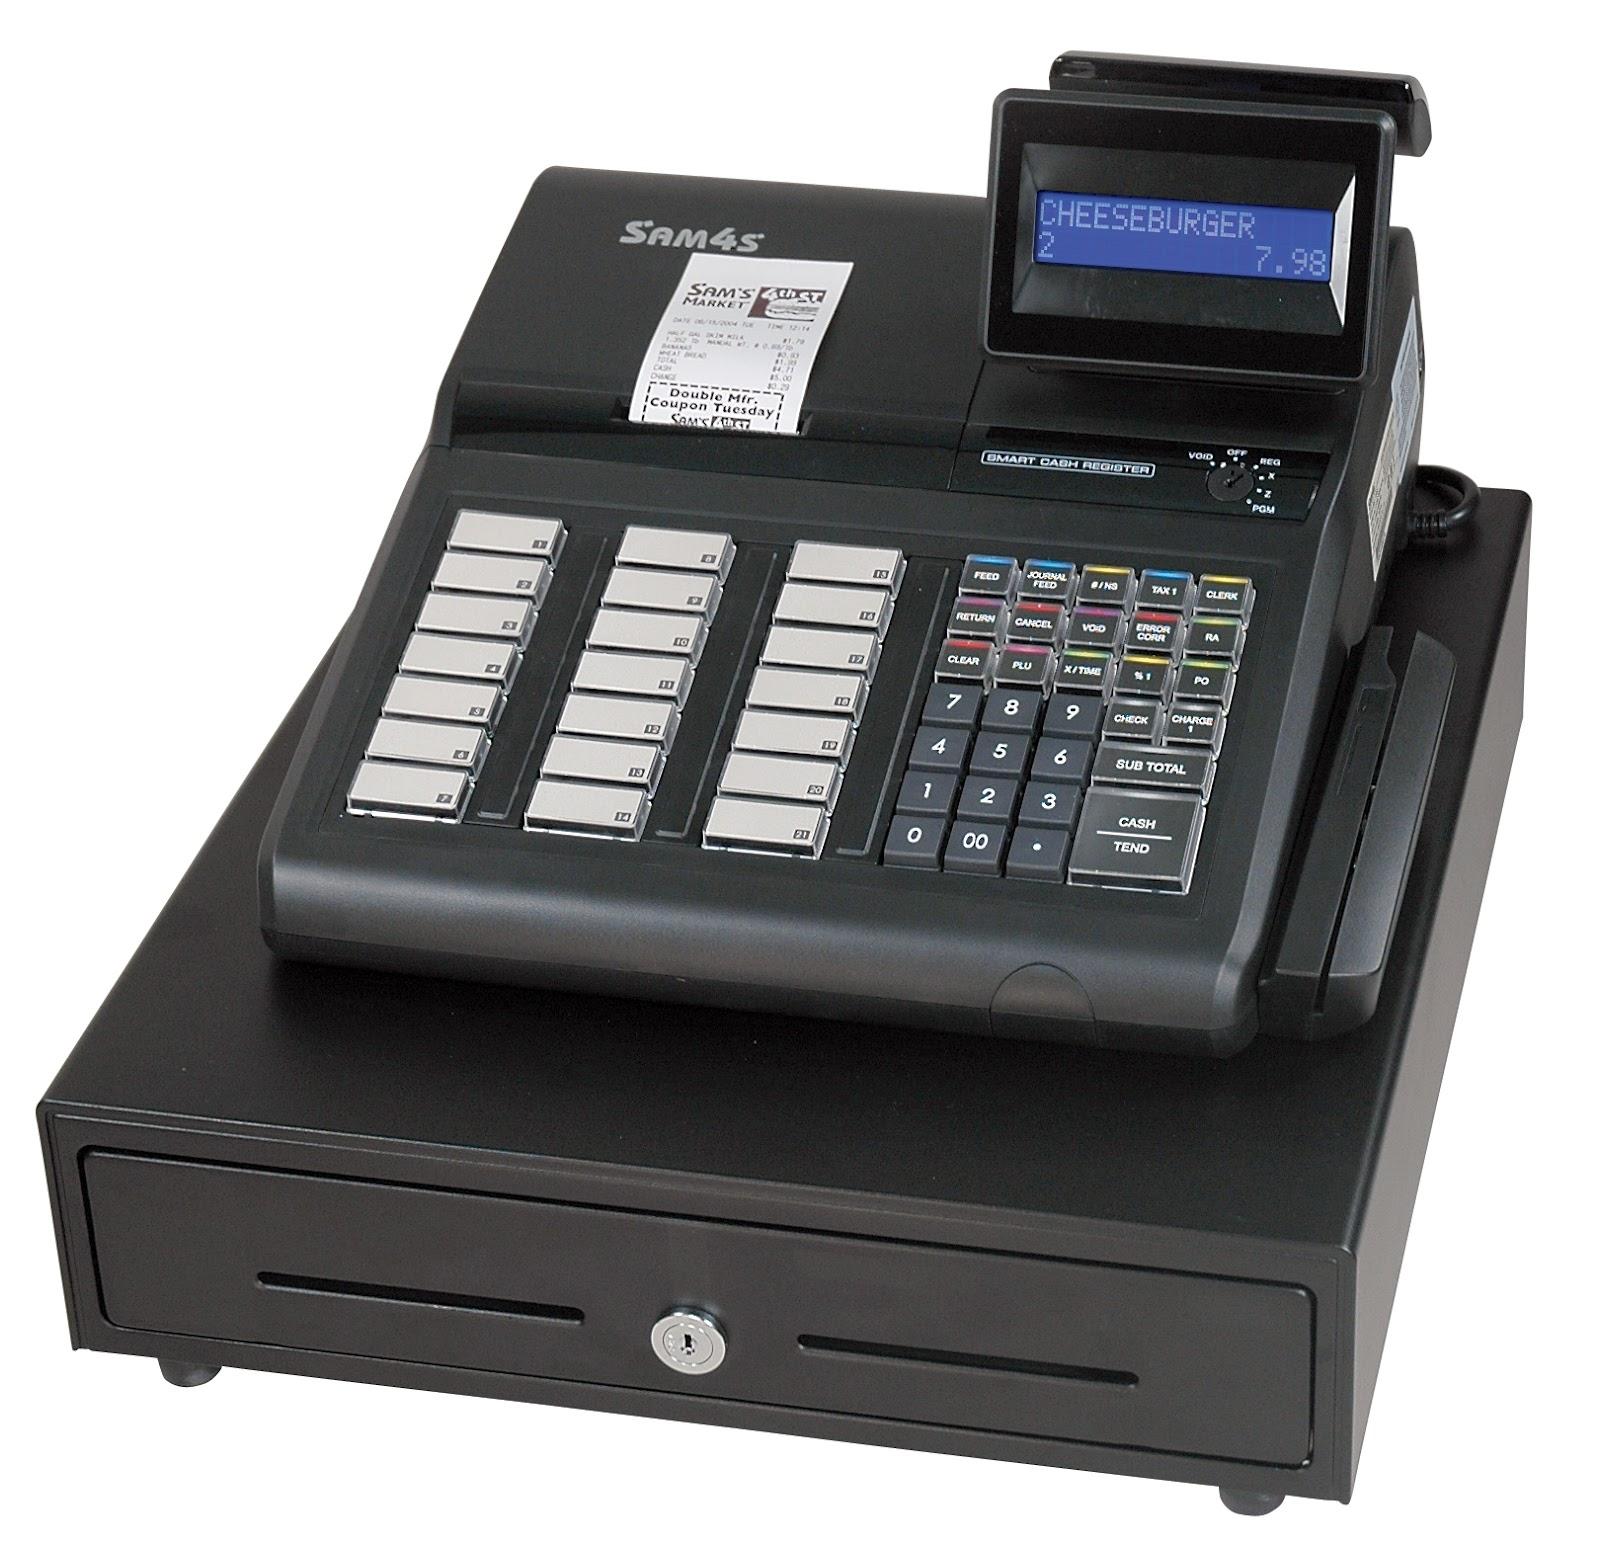 SAM4s Cash Register